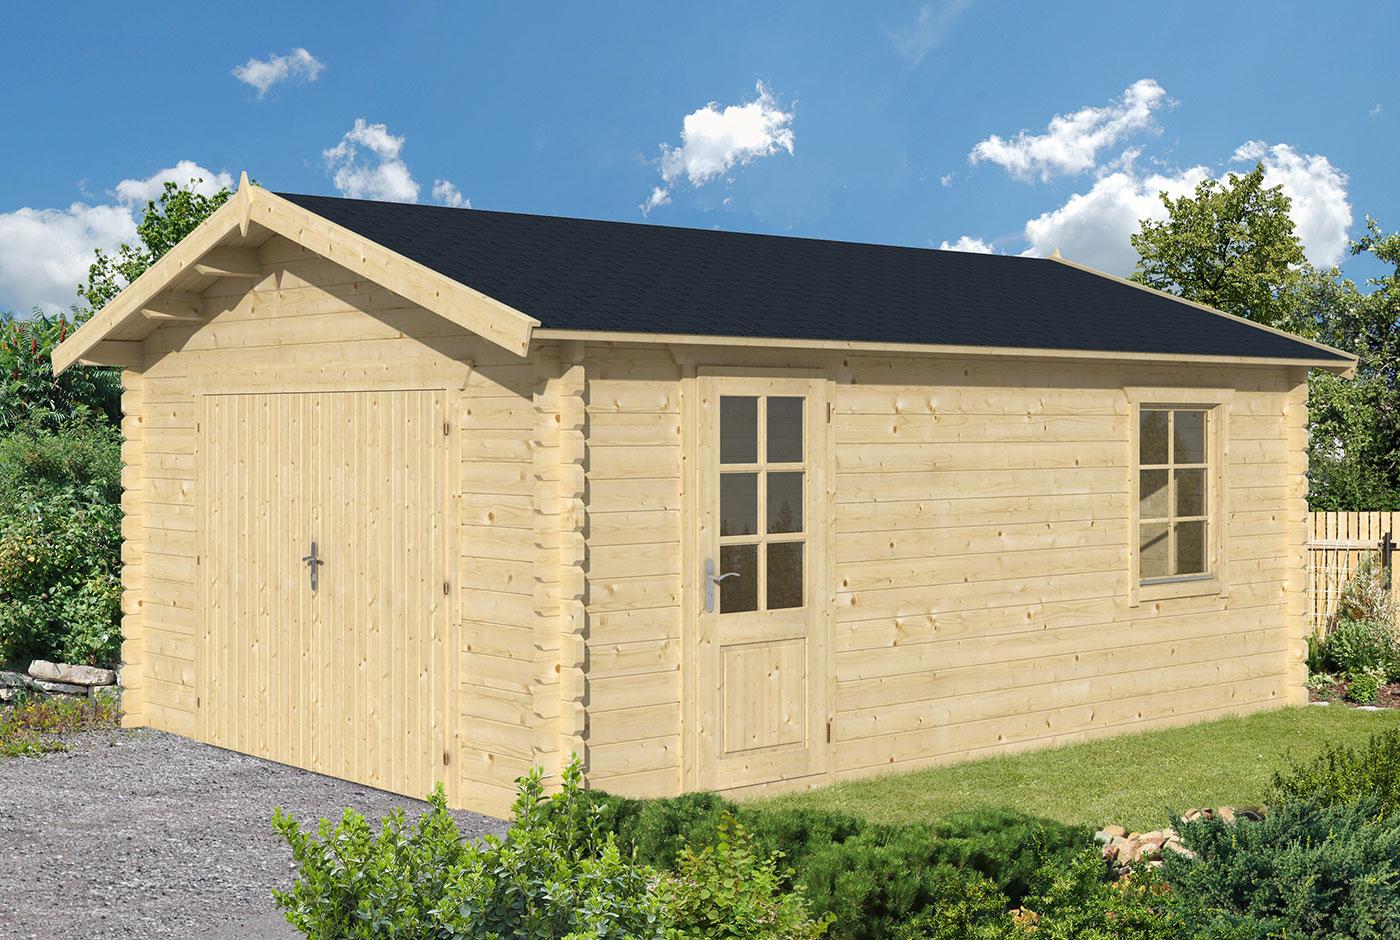 Gartenhaus Fußboden Versiegeln ~ Holz richtig versiegeln und behandeln so muss das magazin by steda